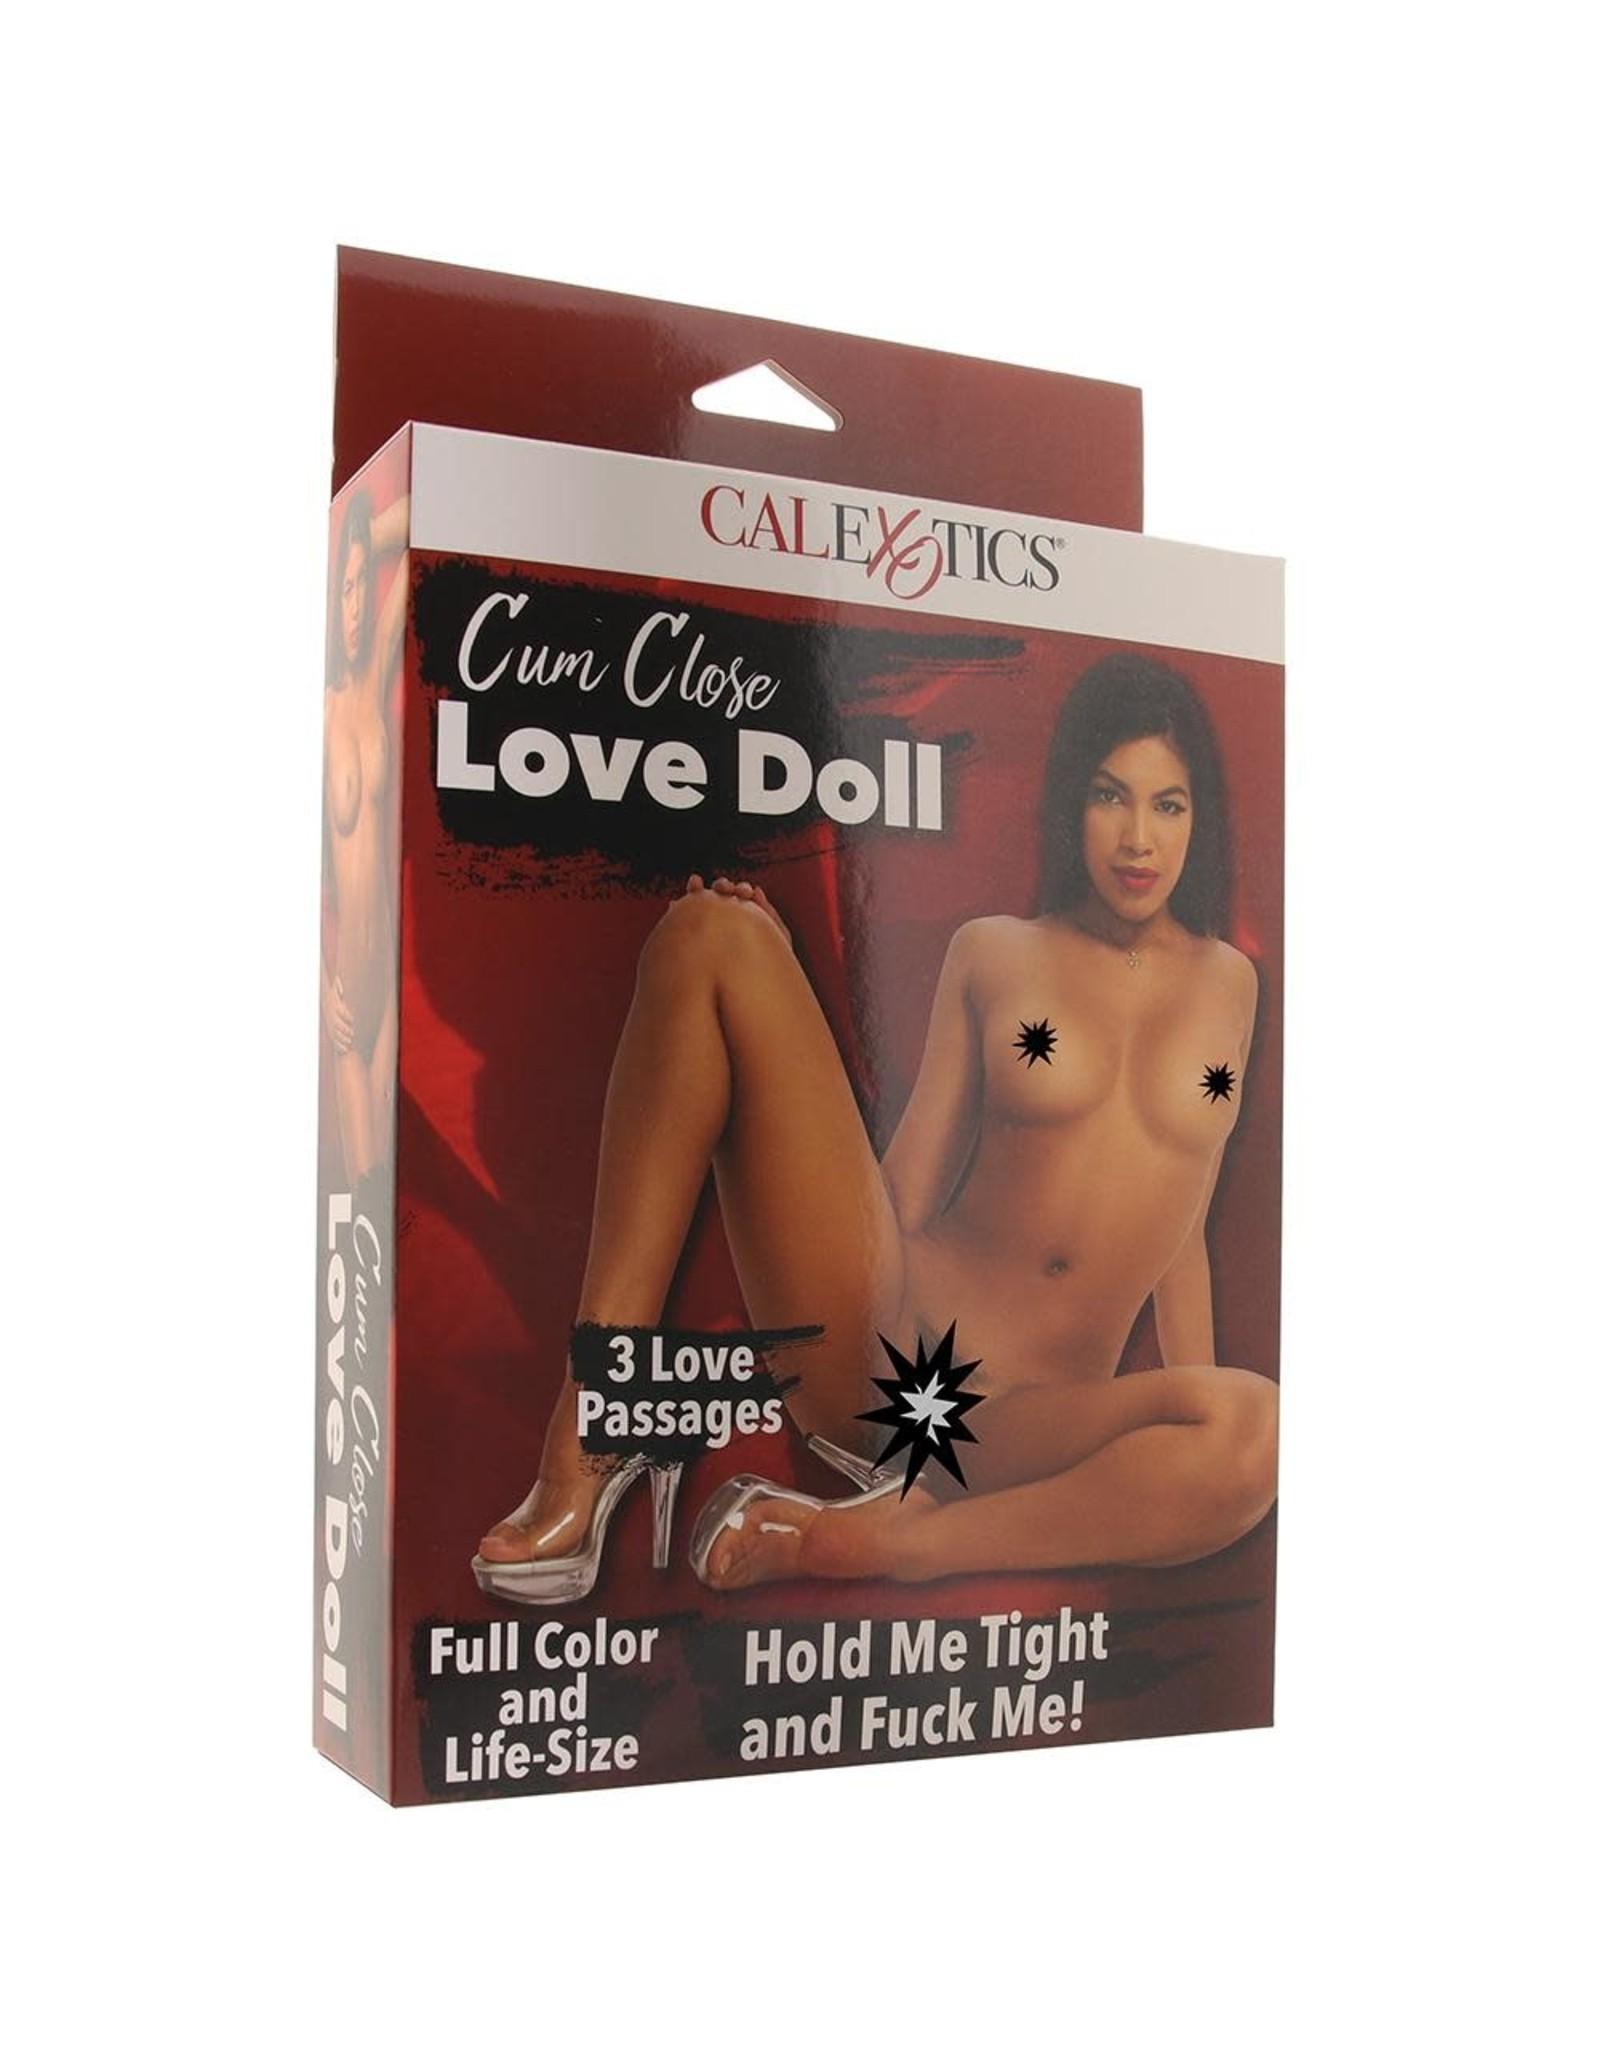 CALEXOTICS CUM CLOSE LOVE DOLL